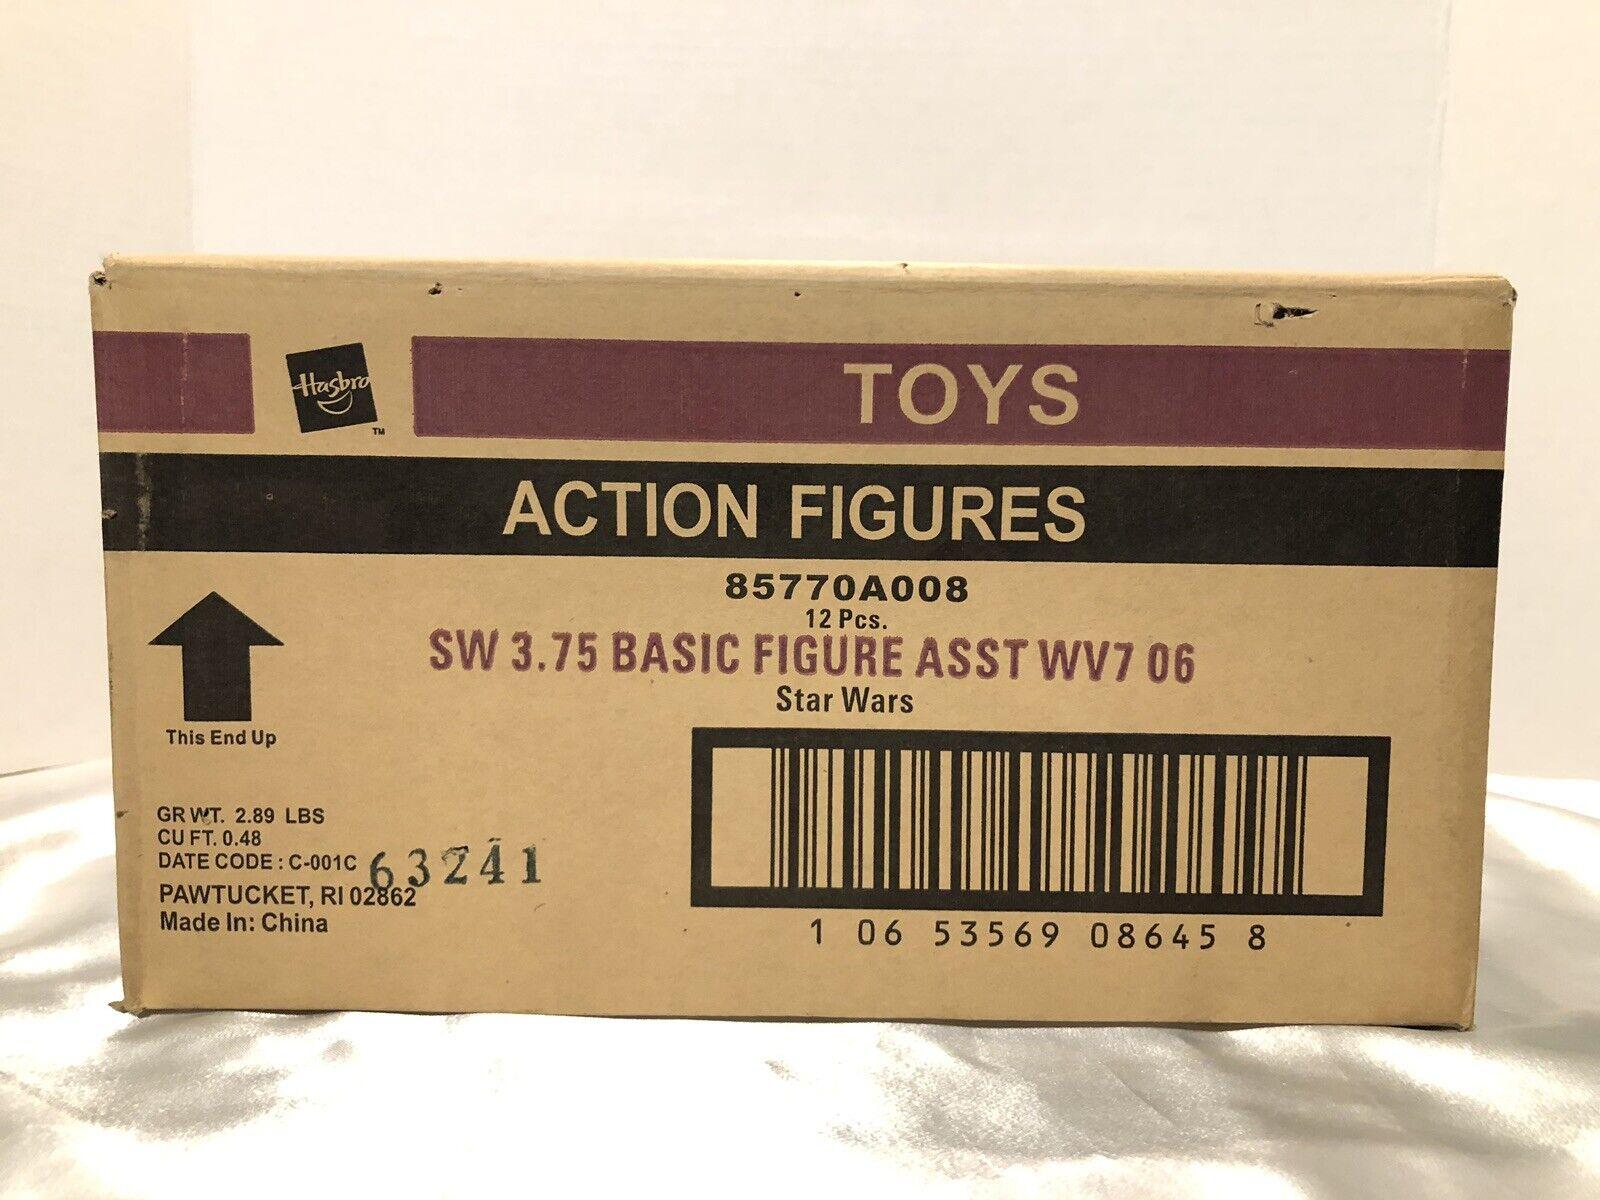 Nuovo Hasbro estrella guerras Saga  Collection azione cifras Wave 7 2006 In Original scatola  grandi prezzi scontati